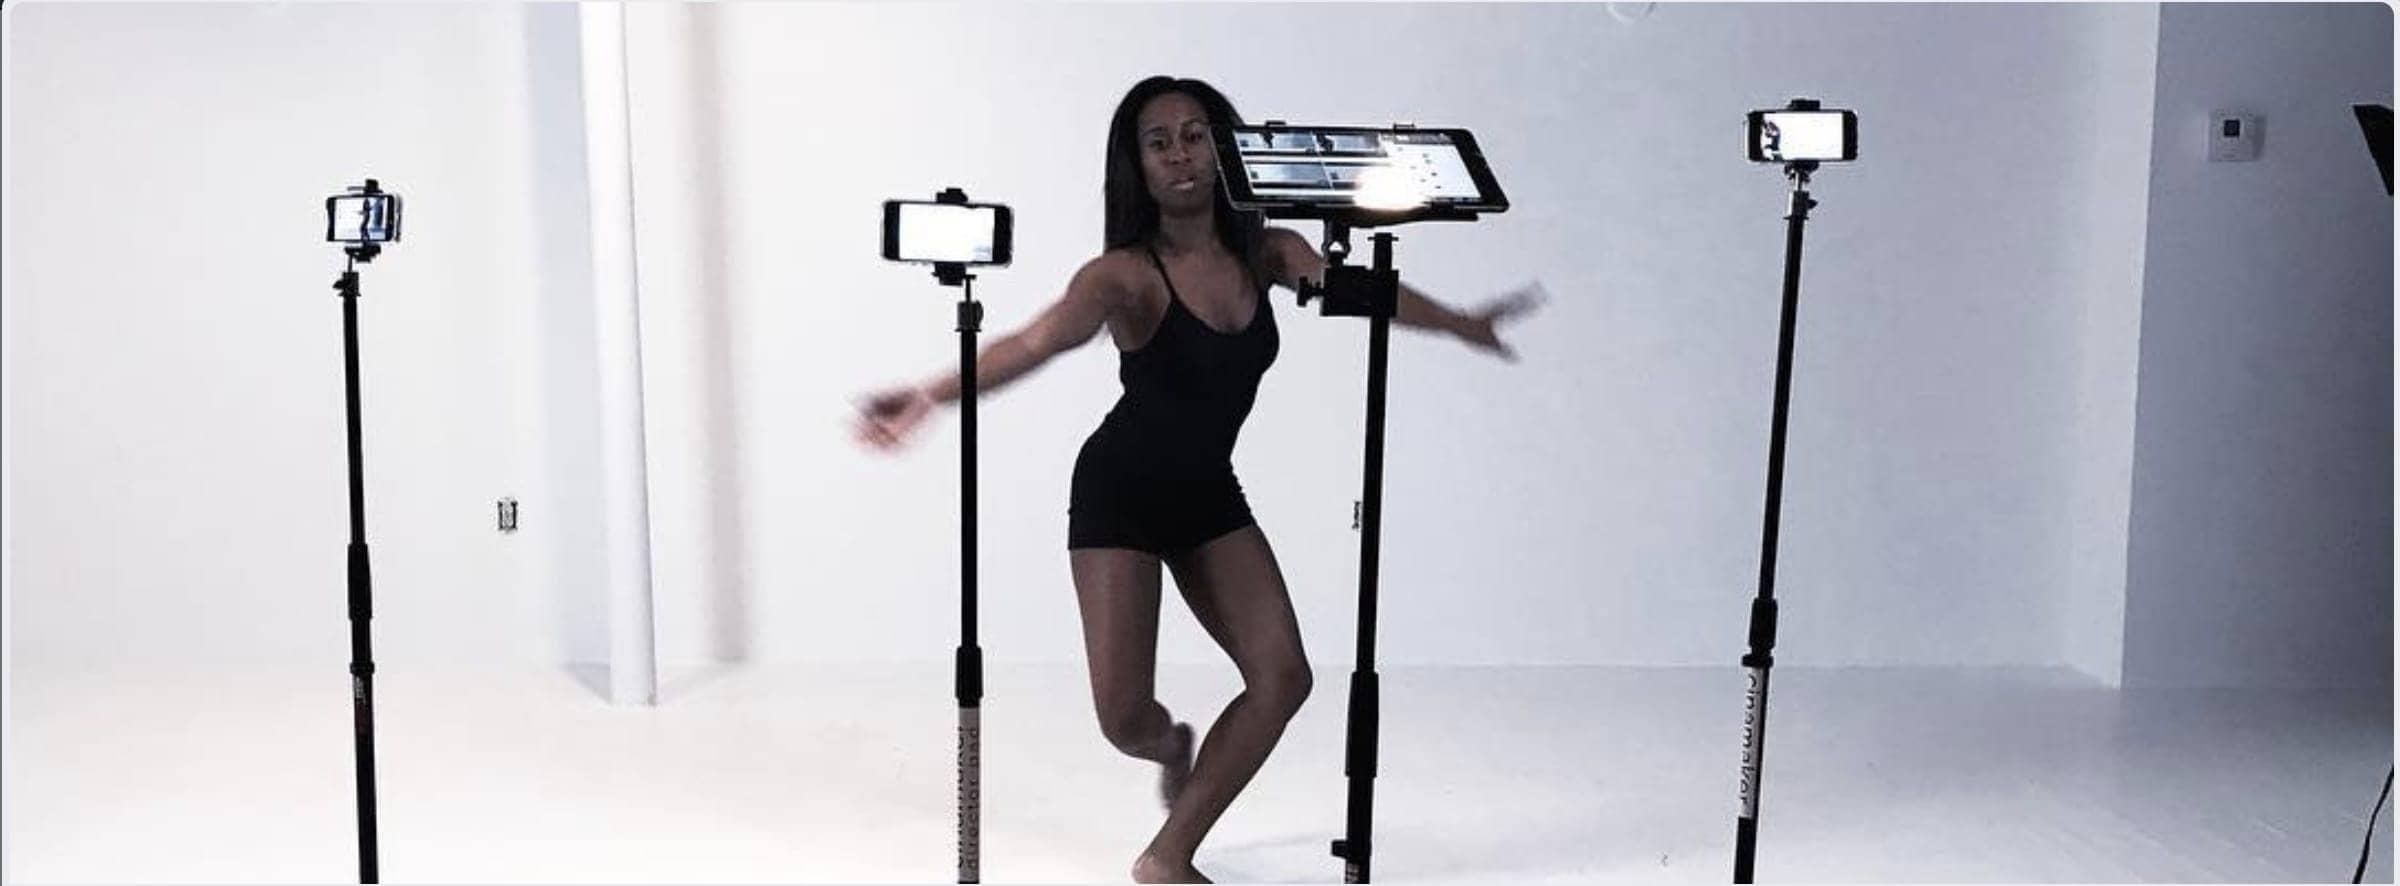 dancer-cinamaker